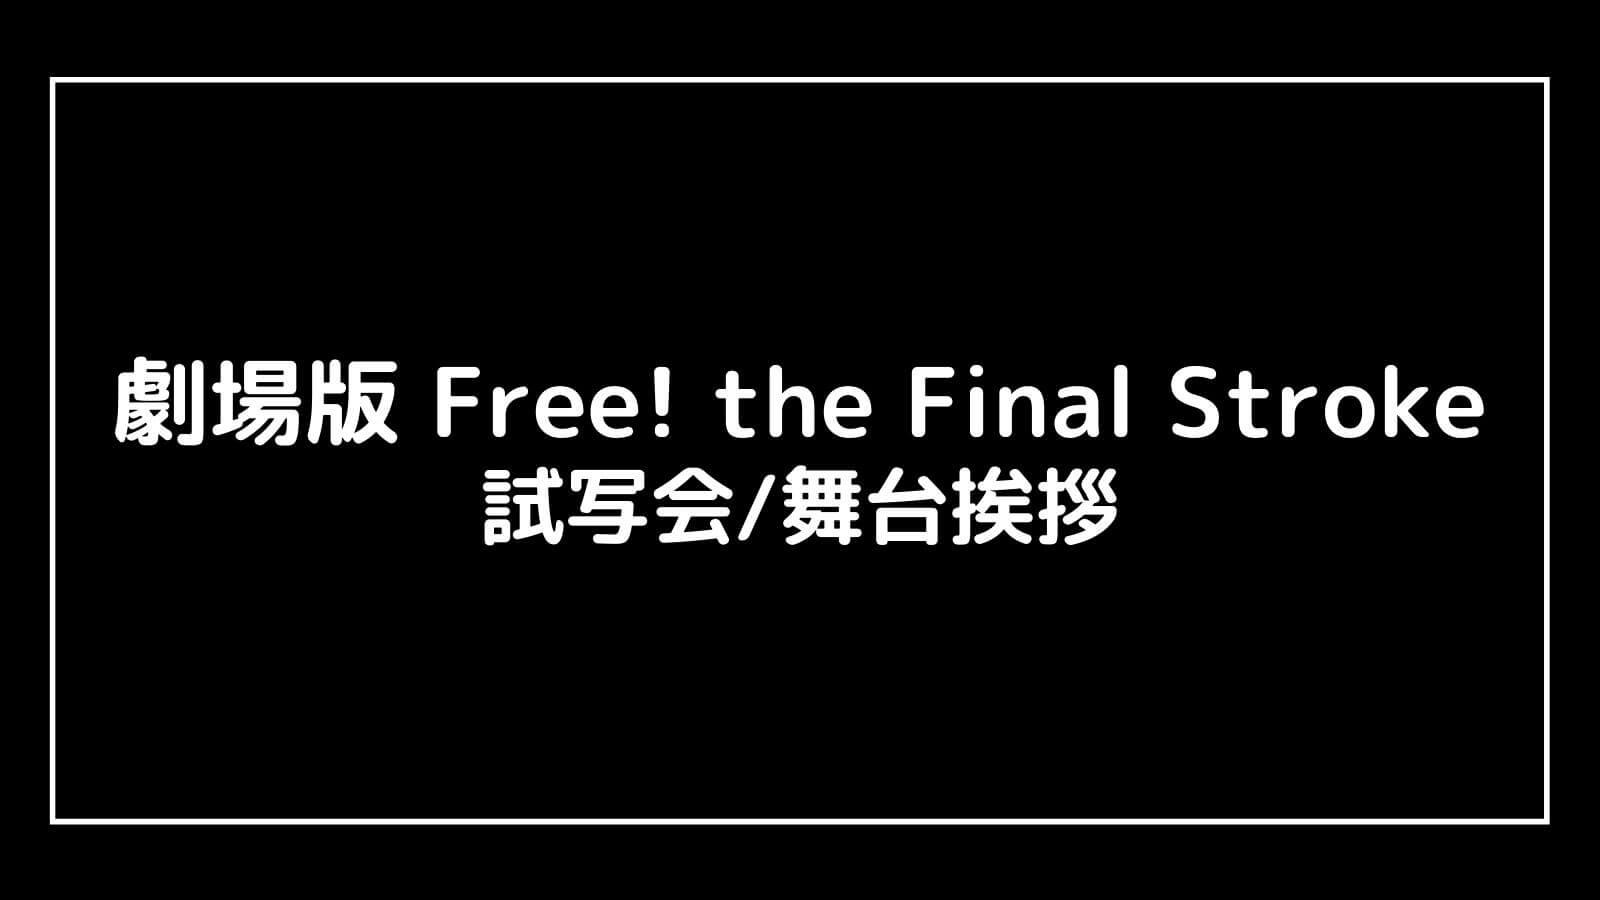 映画『劇場版 Free! the Final Stroke(2021)』の試写会と舞台挨拶ライブビューイング情報